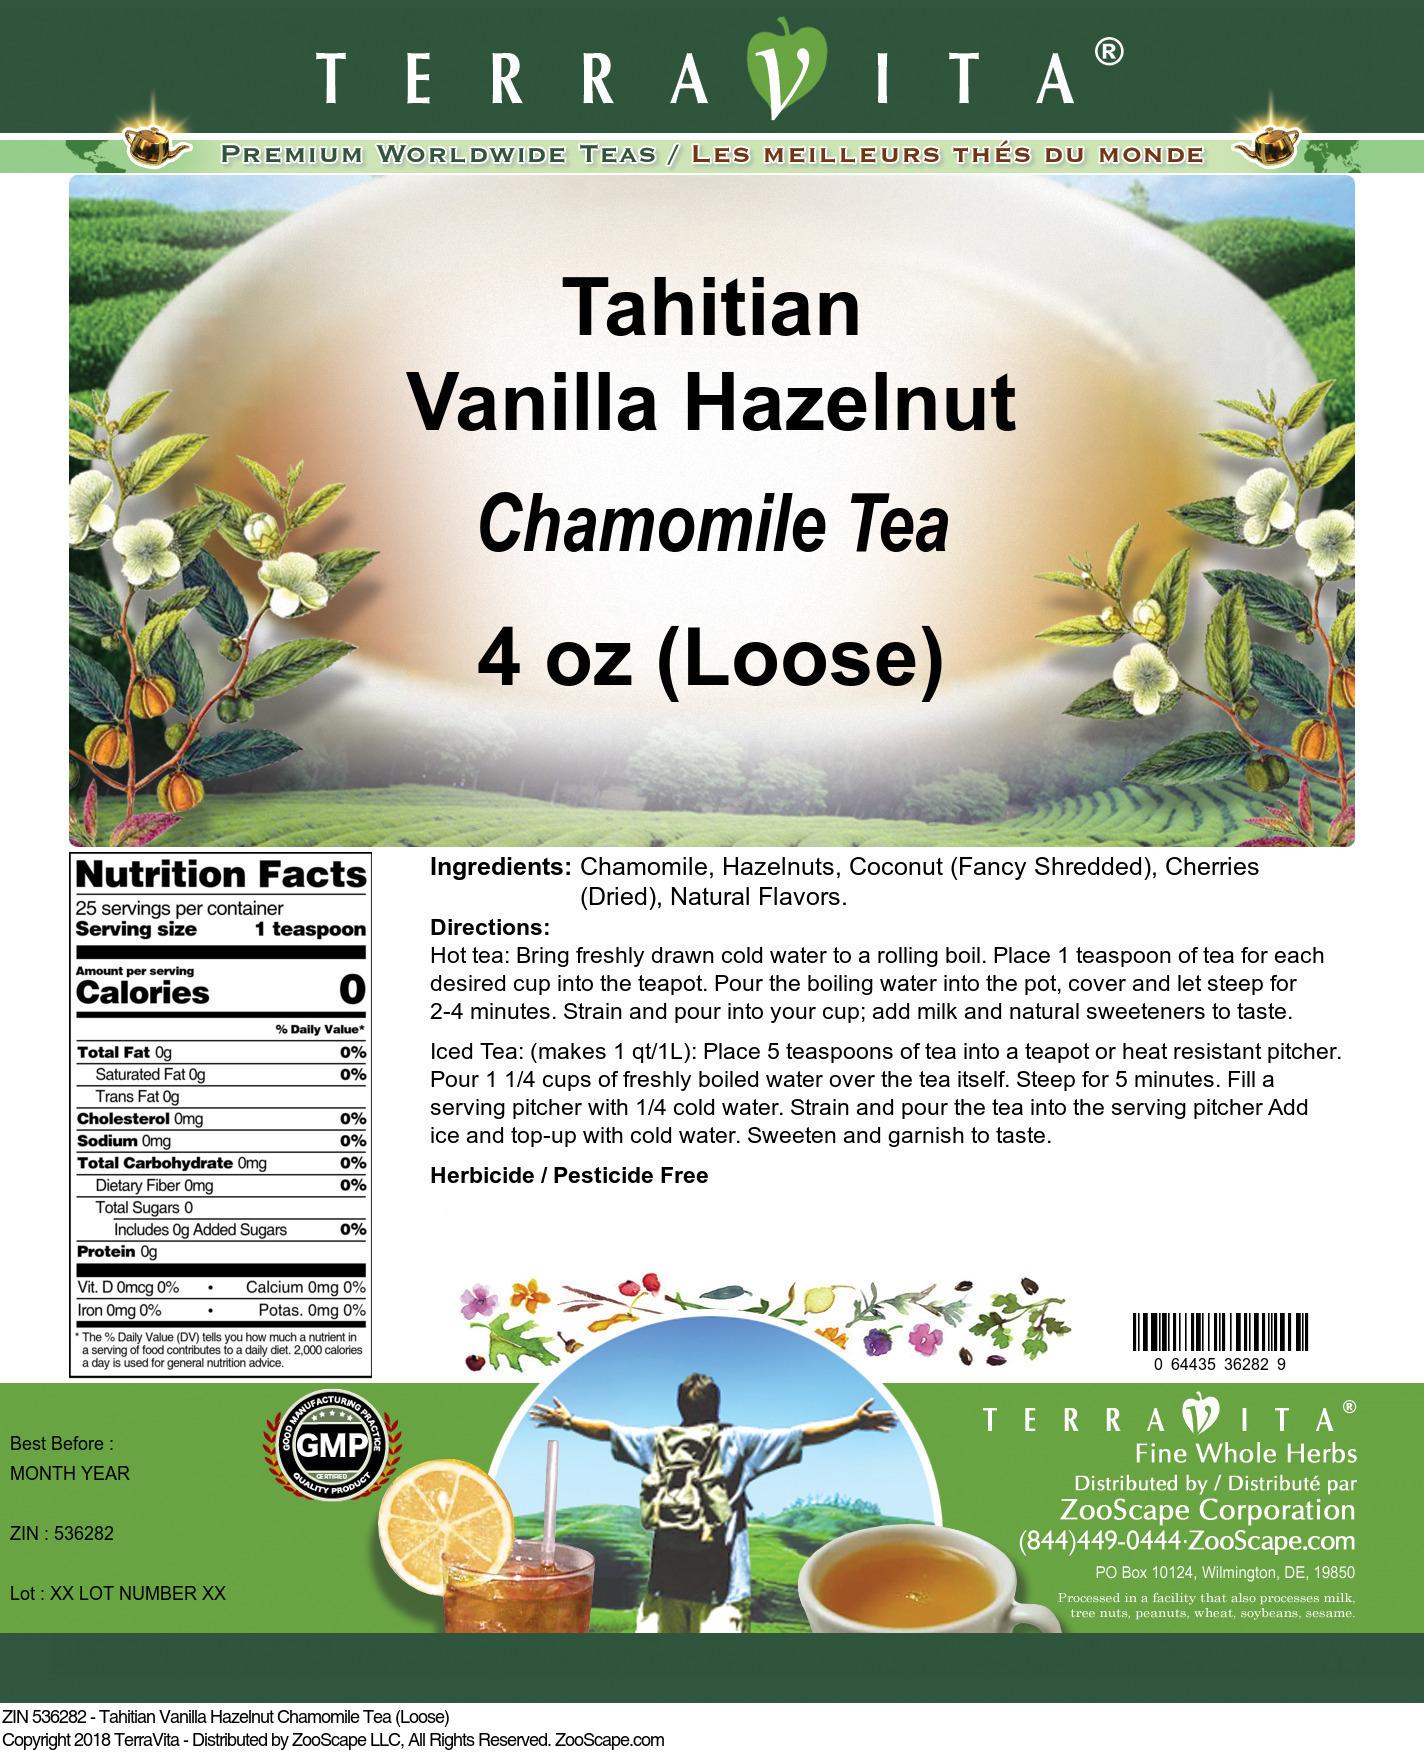 Tahitian Vanilla Hazelnut Chamomile Tea